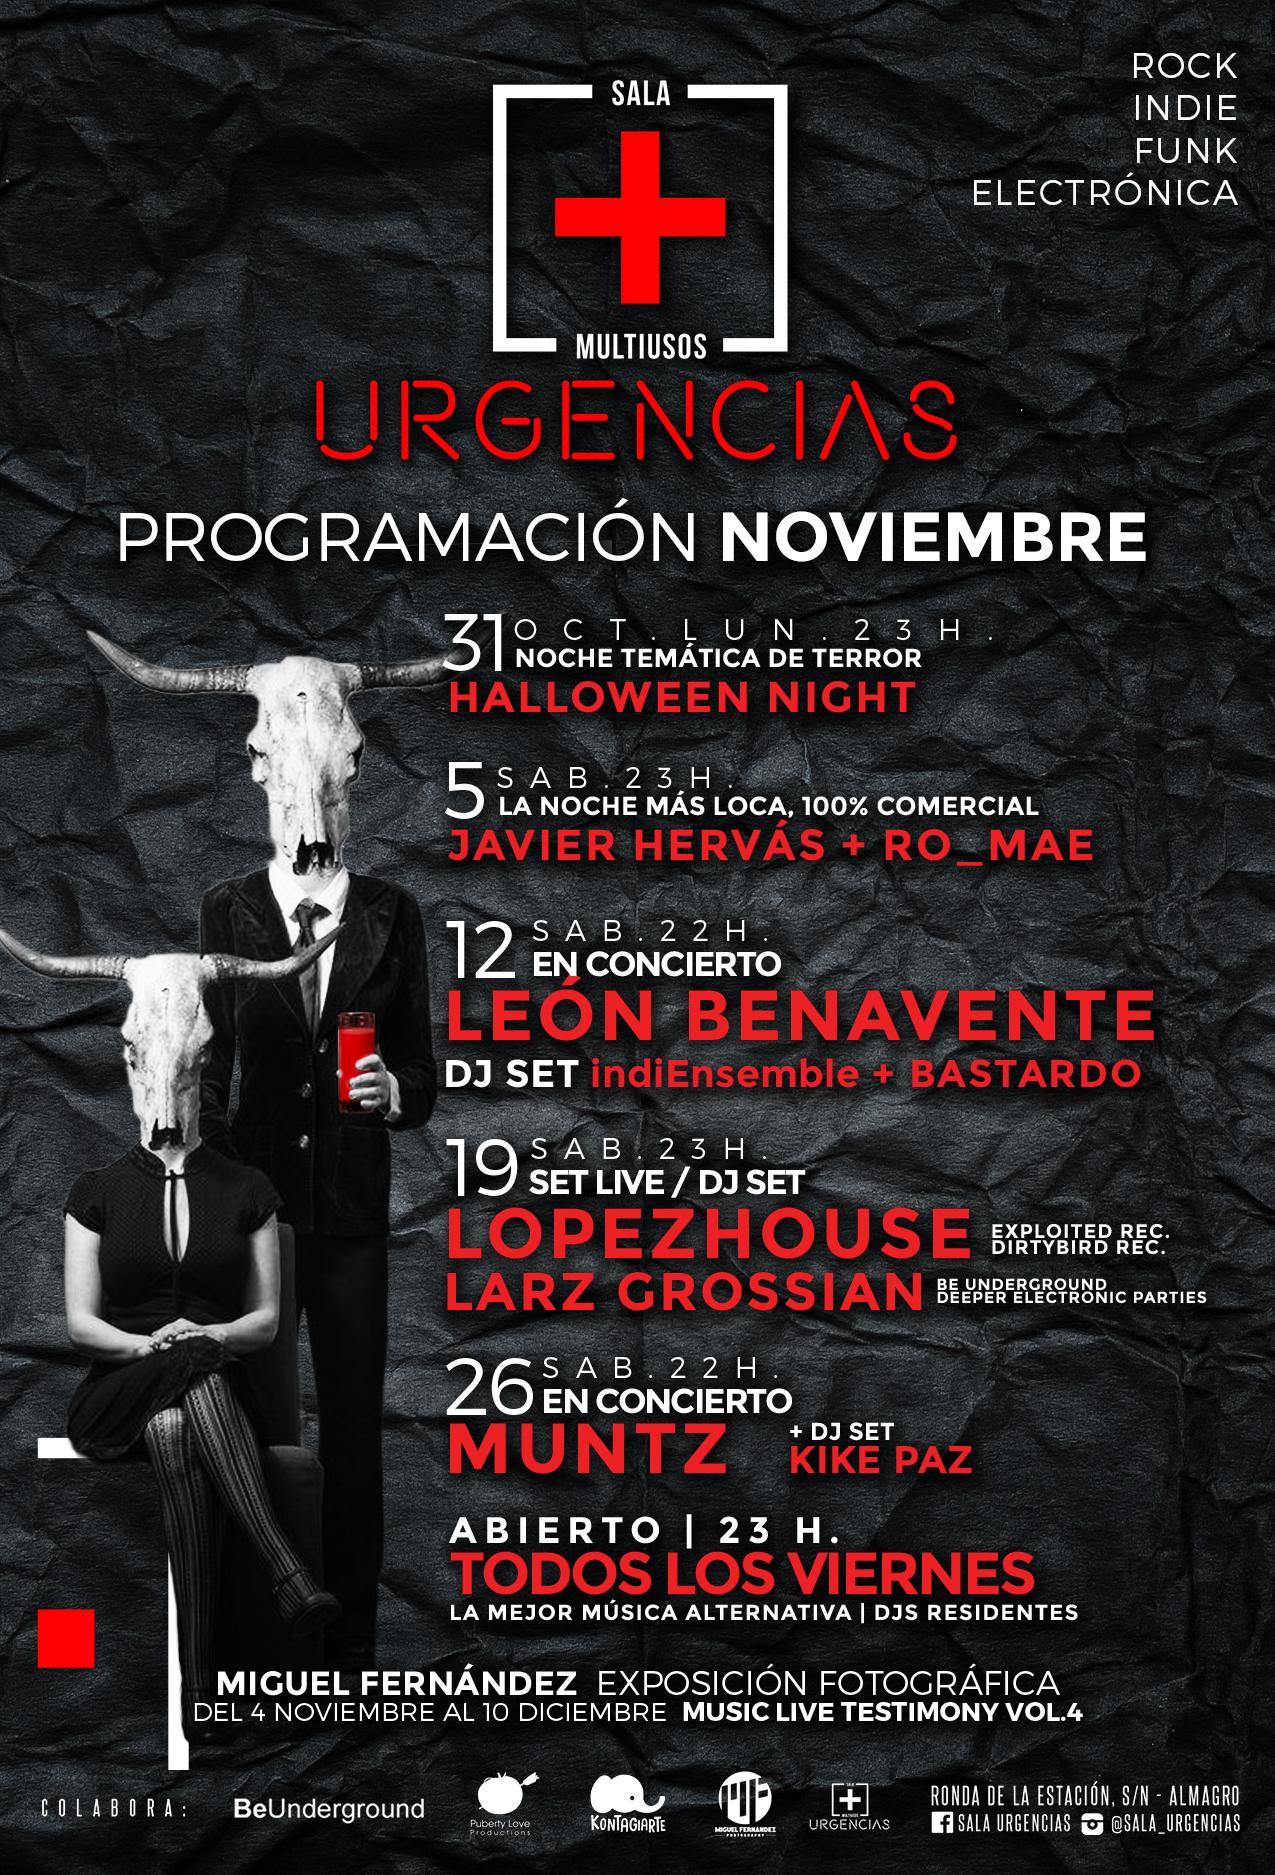 urgencias-programacion-noviembre